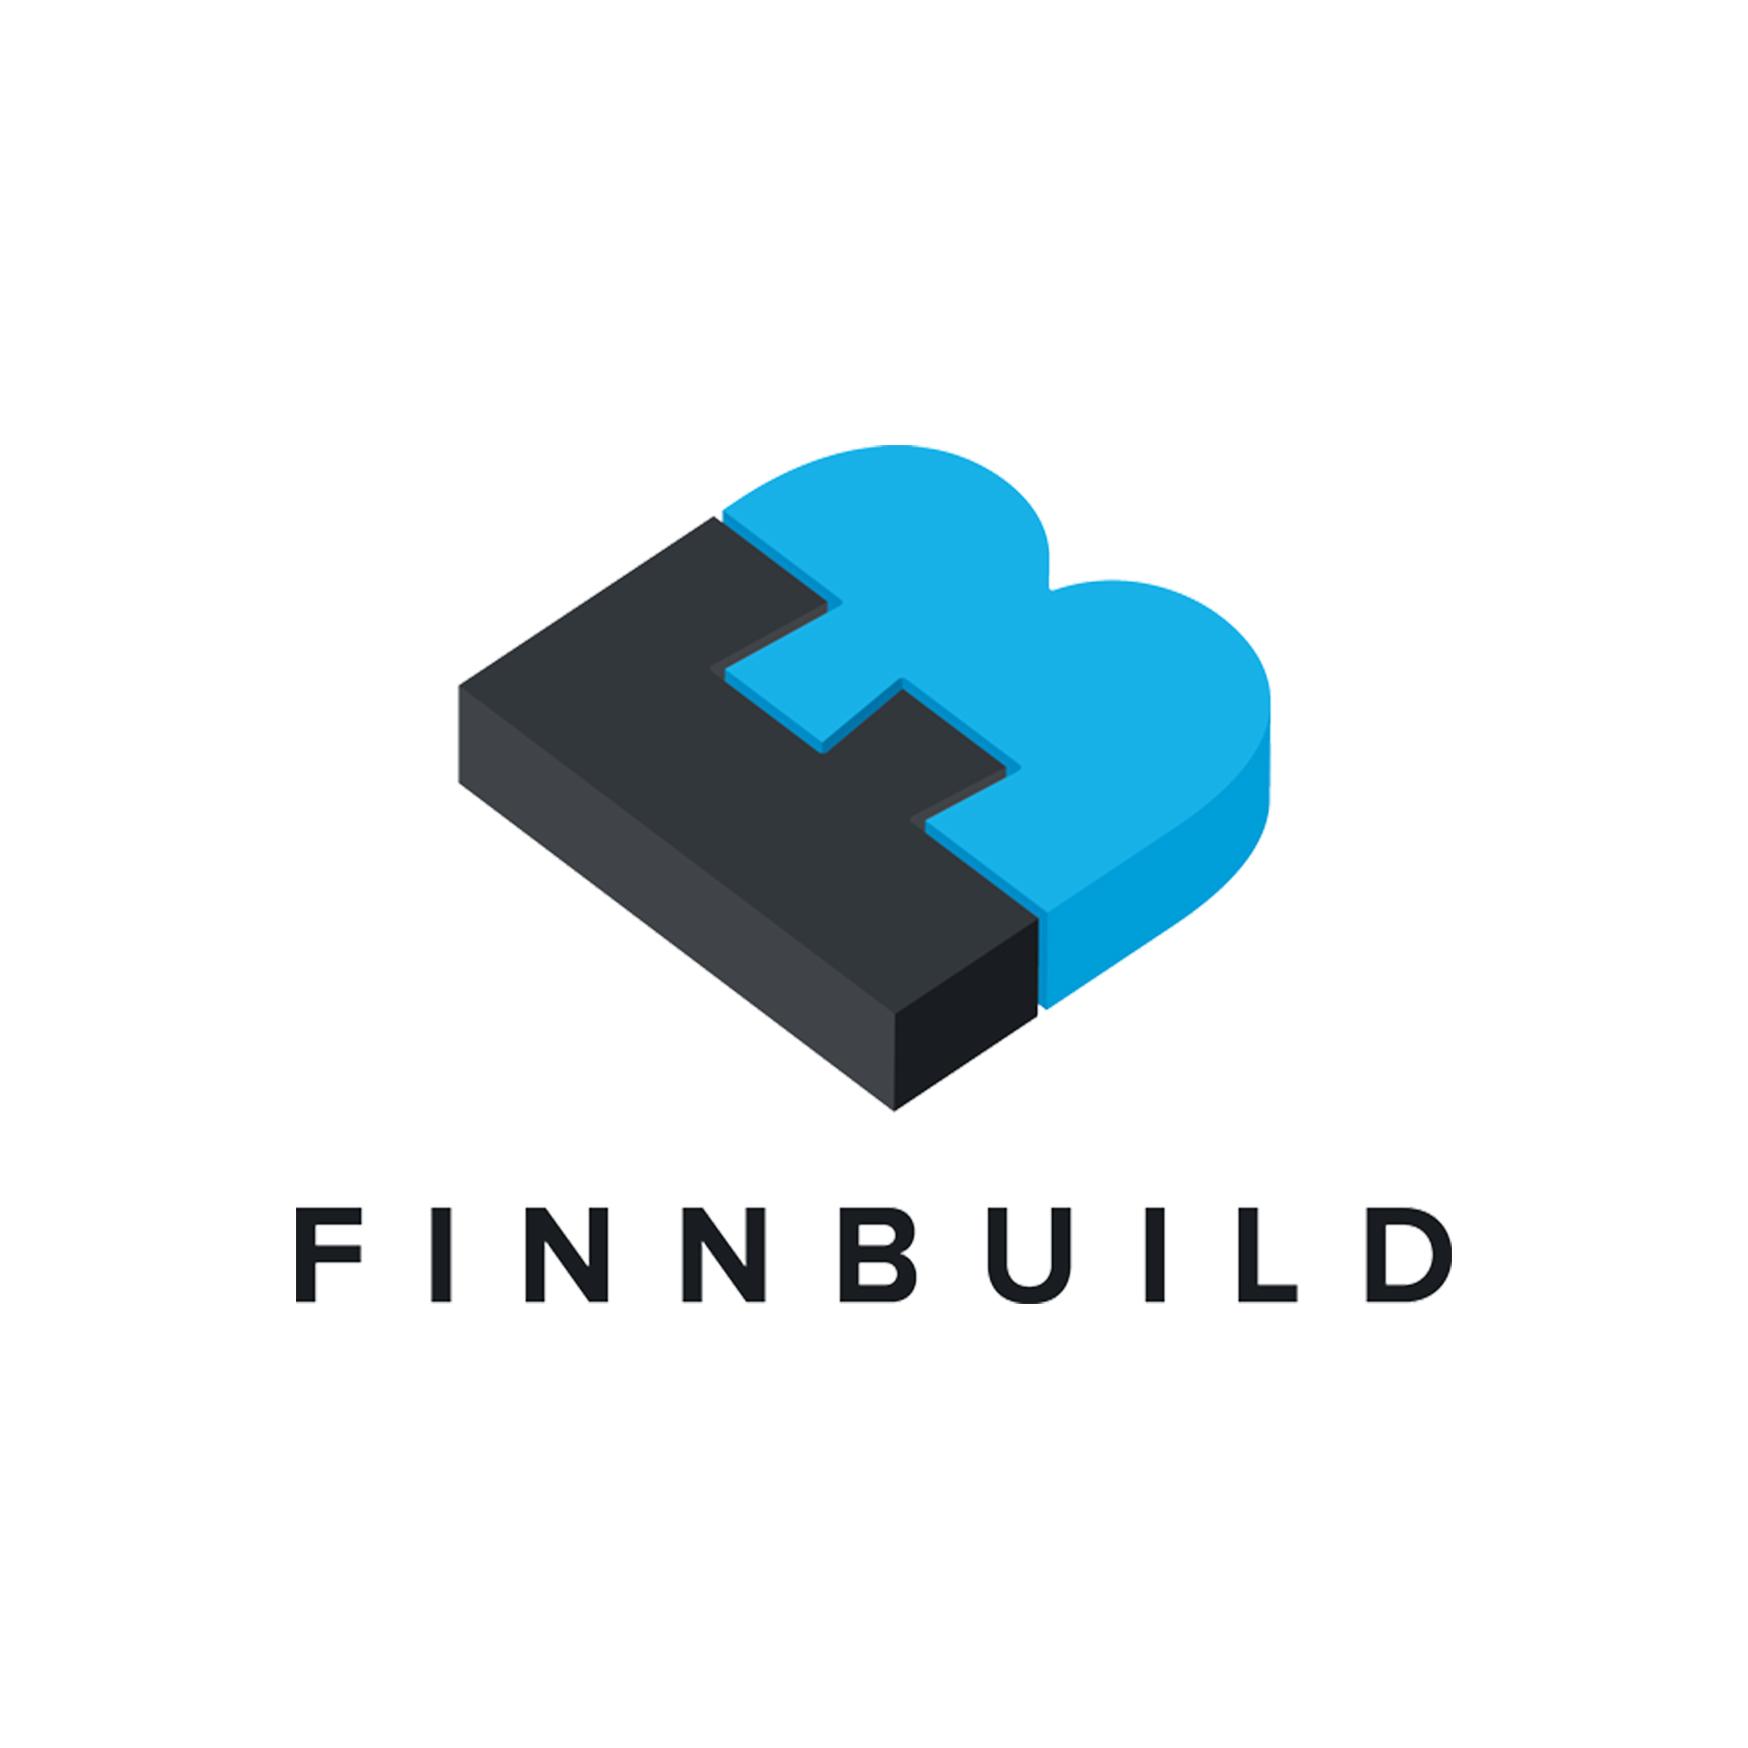 finnbuild tapahtuma messukeskus 2018